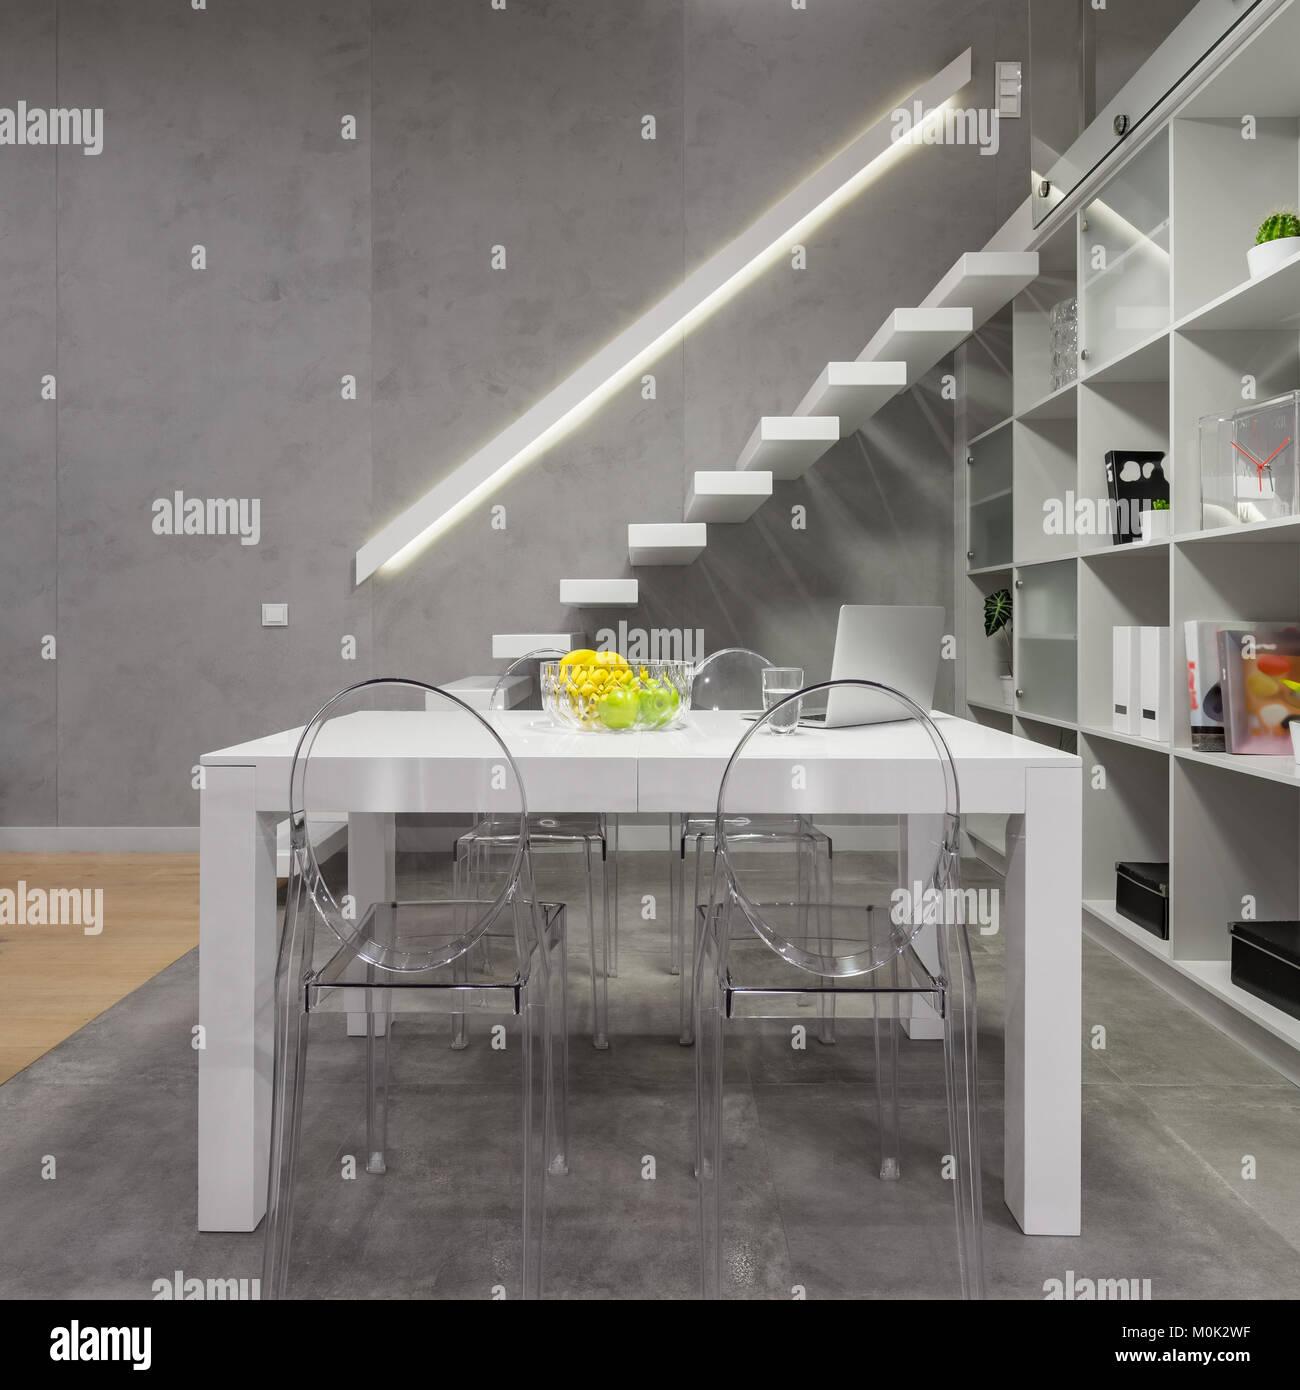 moderne treppe bucherregal, loft apartment mit weißer tisch, moderne transparente stühle, Design ideen